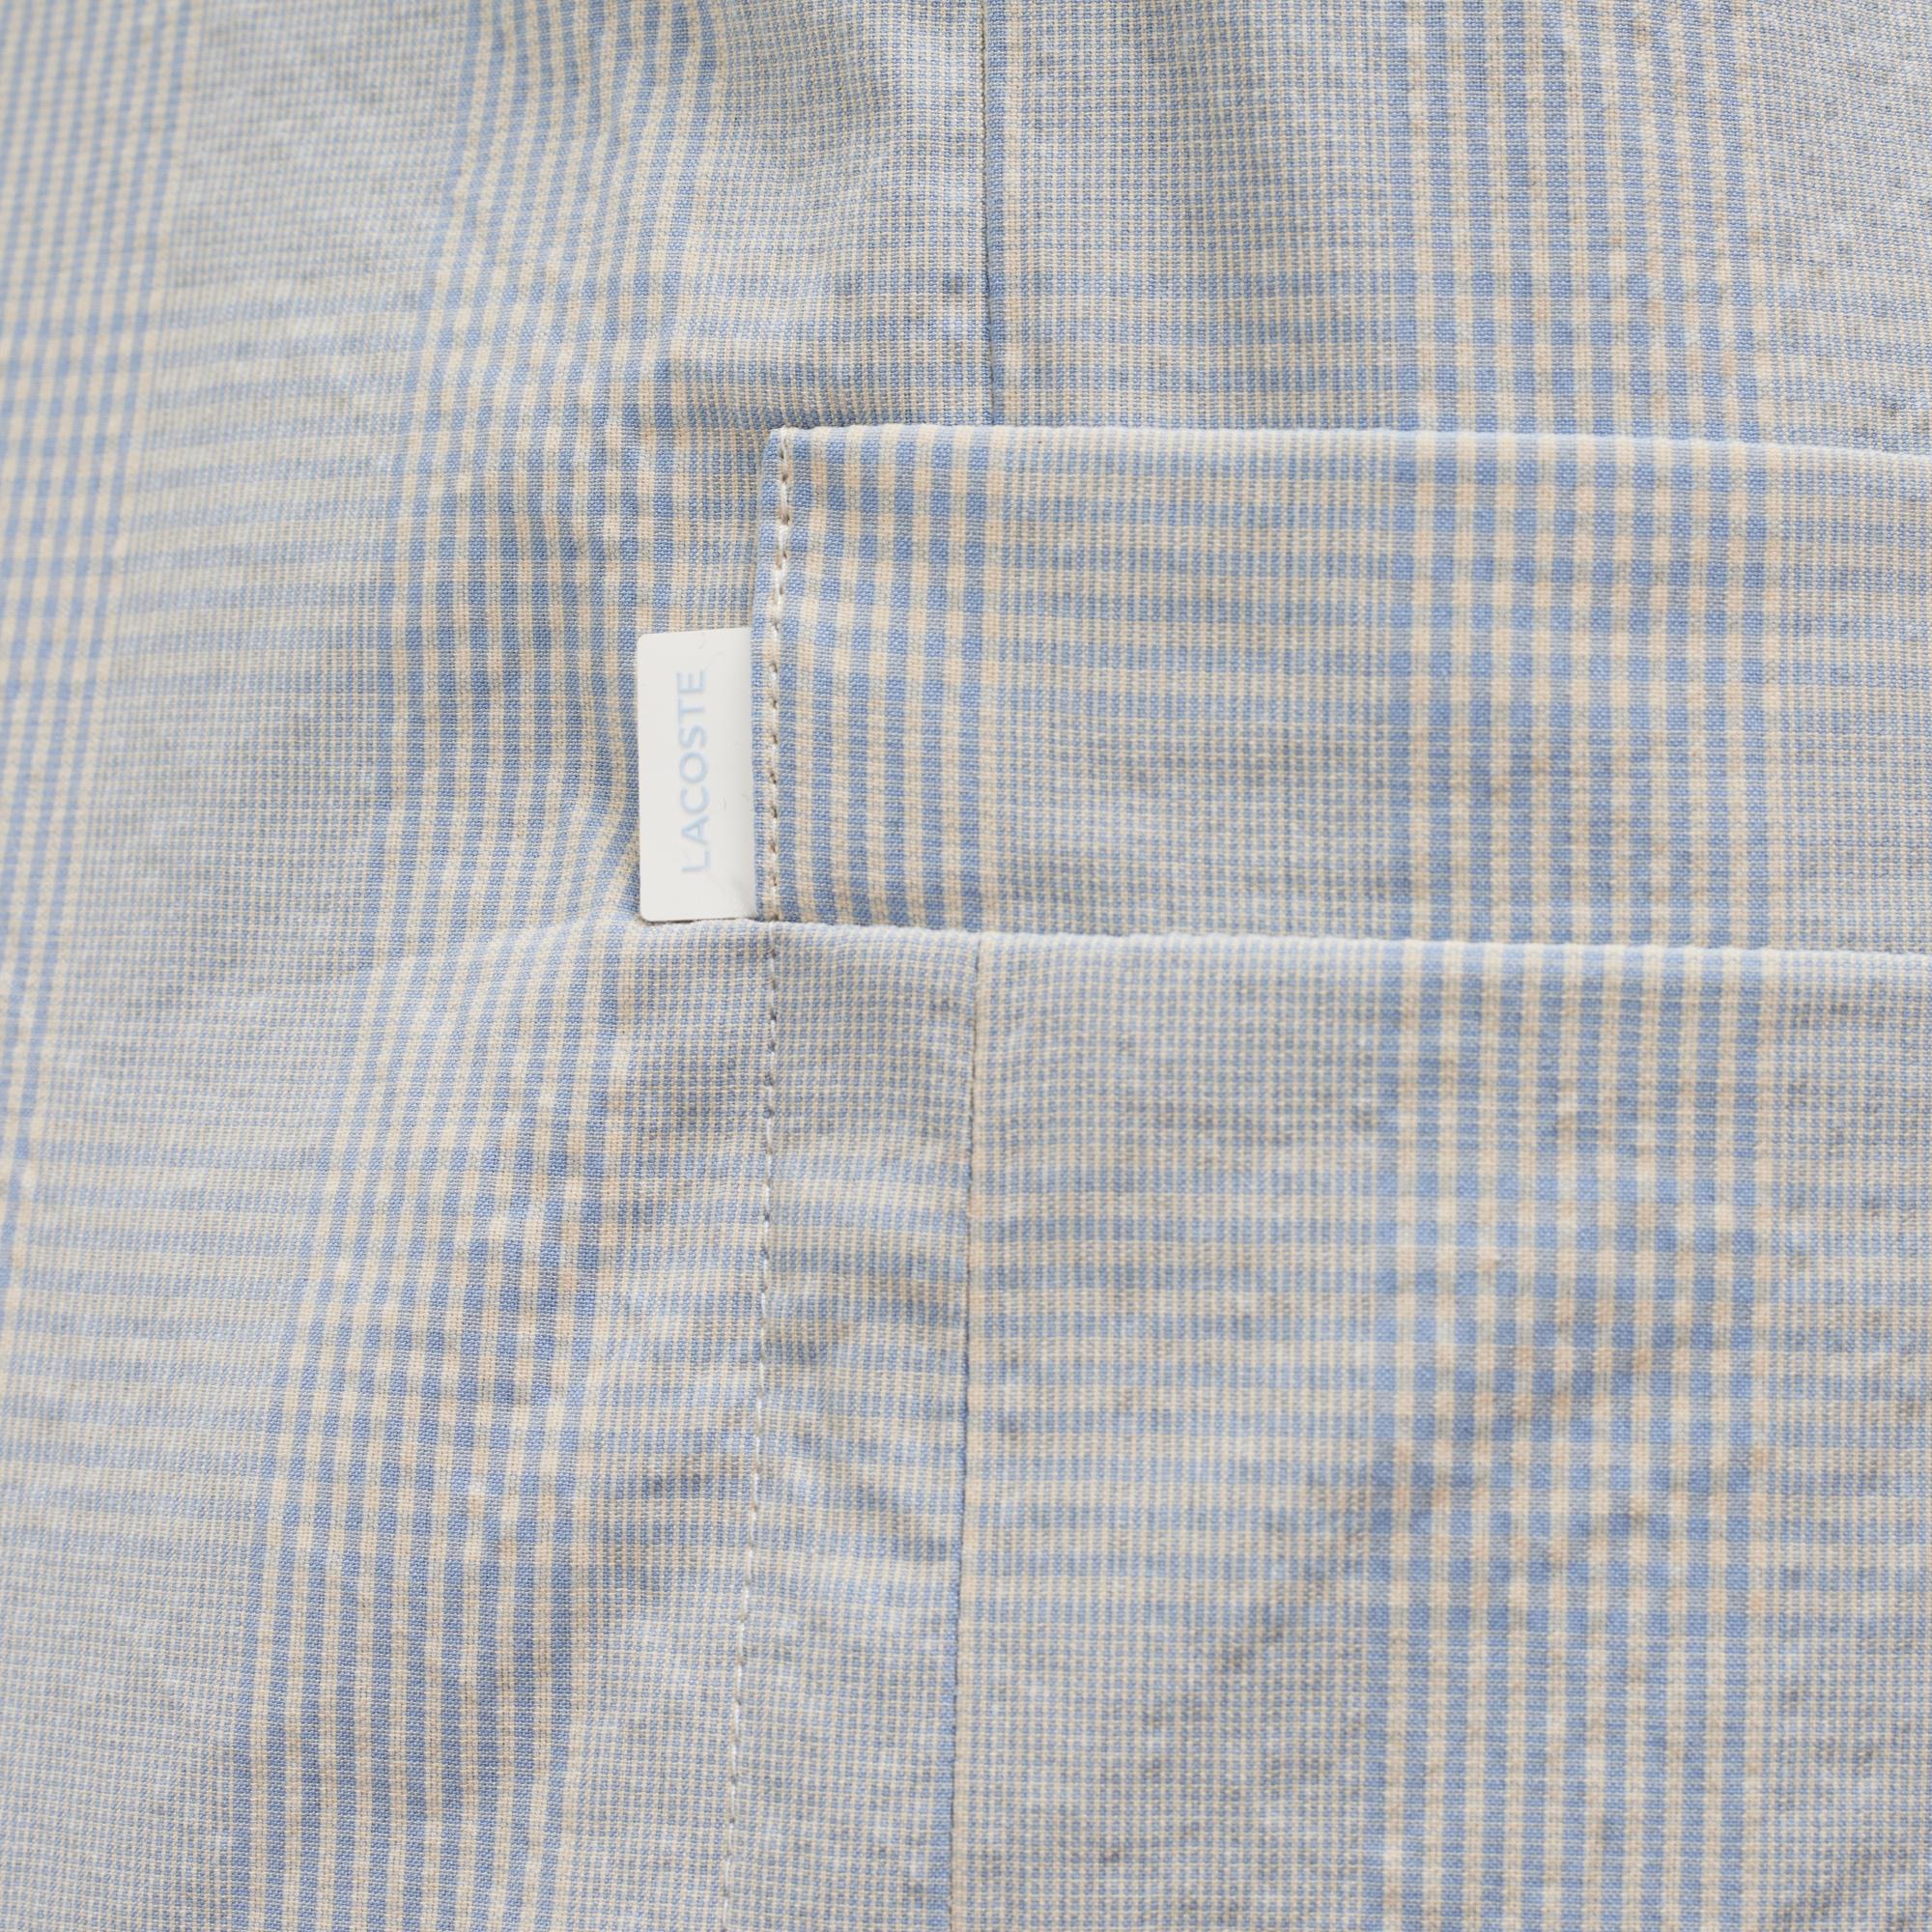 Фото 4 - Пиджак Lacoste голубого цвета